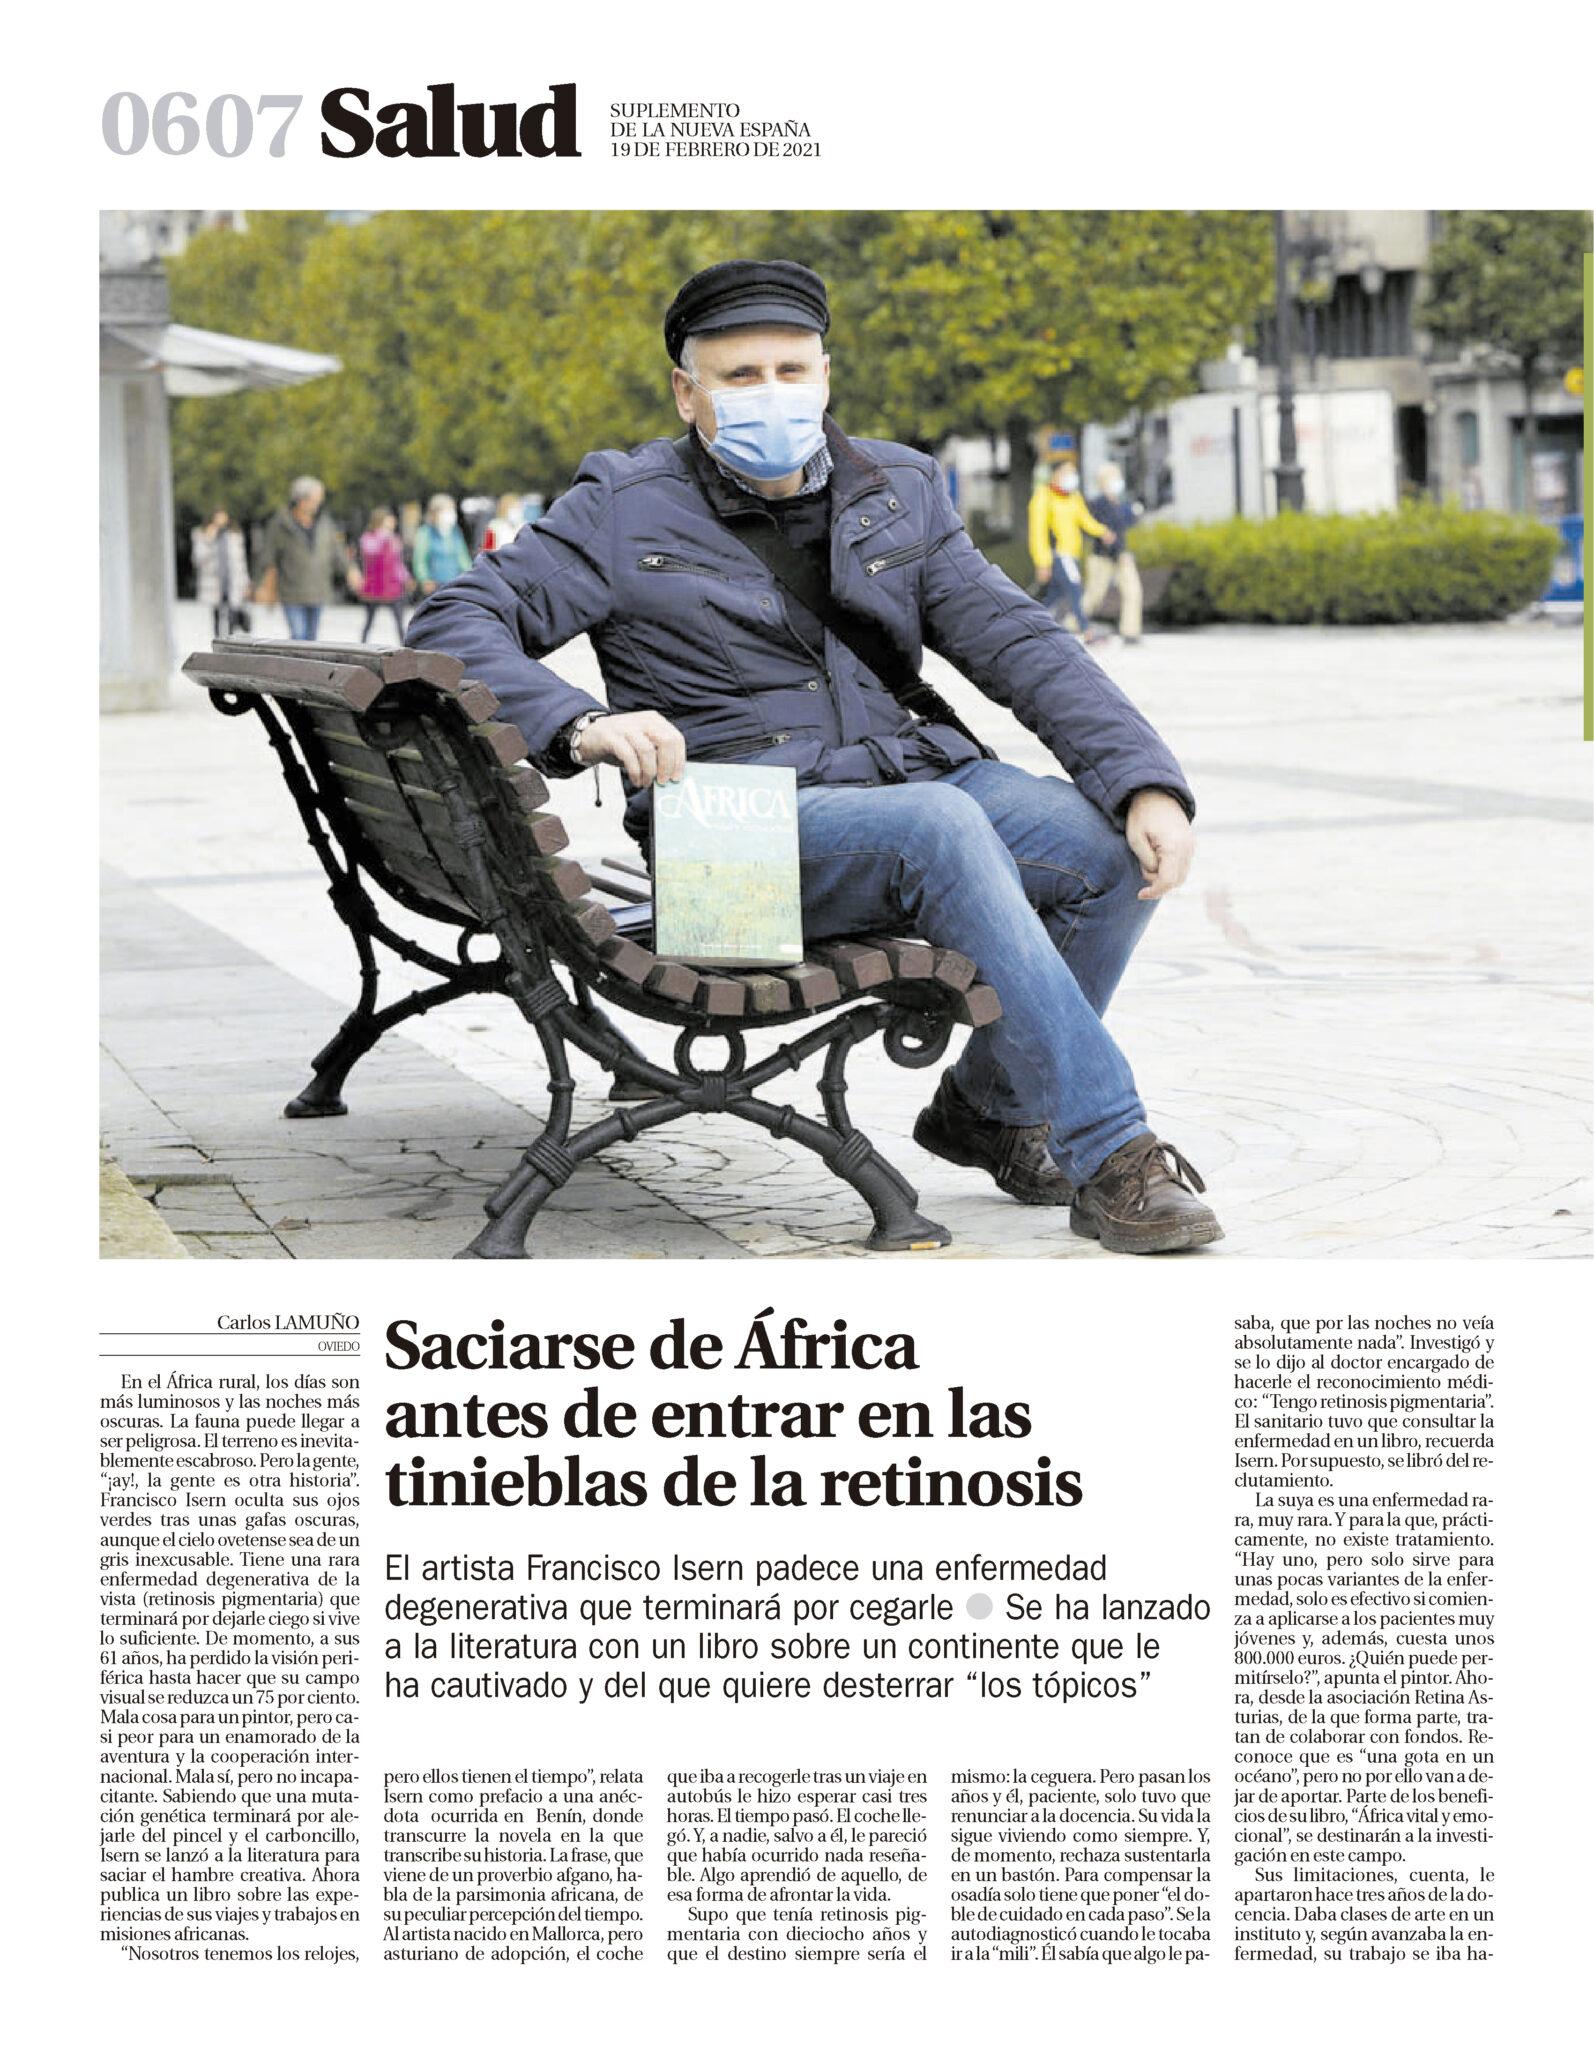 La nueva España, Artículo sobre Africa vital y emocional. Francisco Isern. Autor Avant Editorial 1